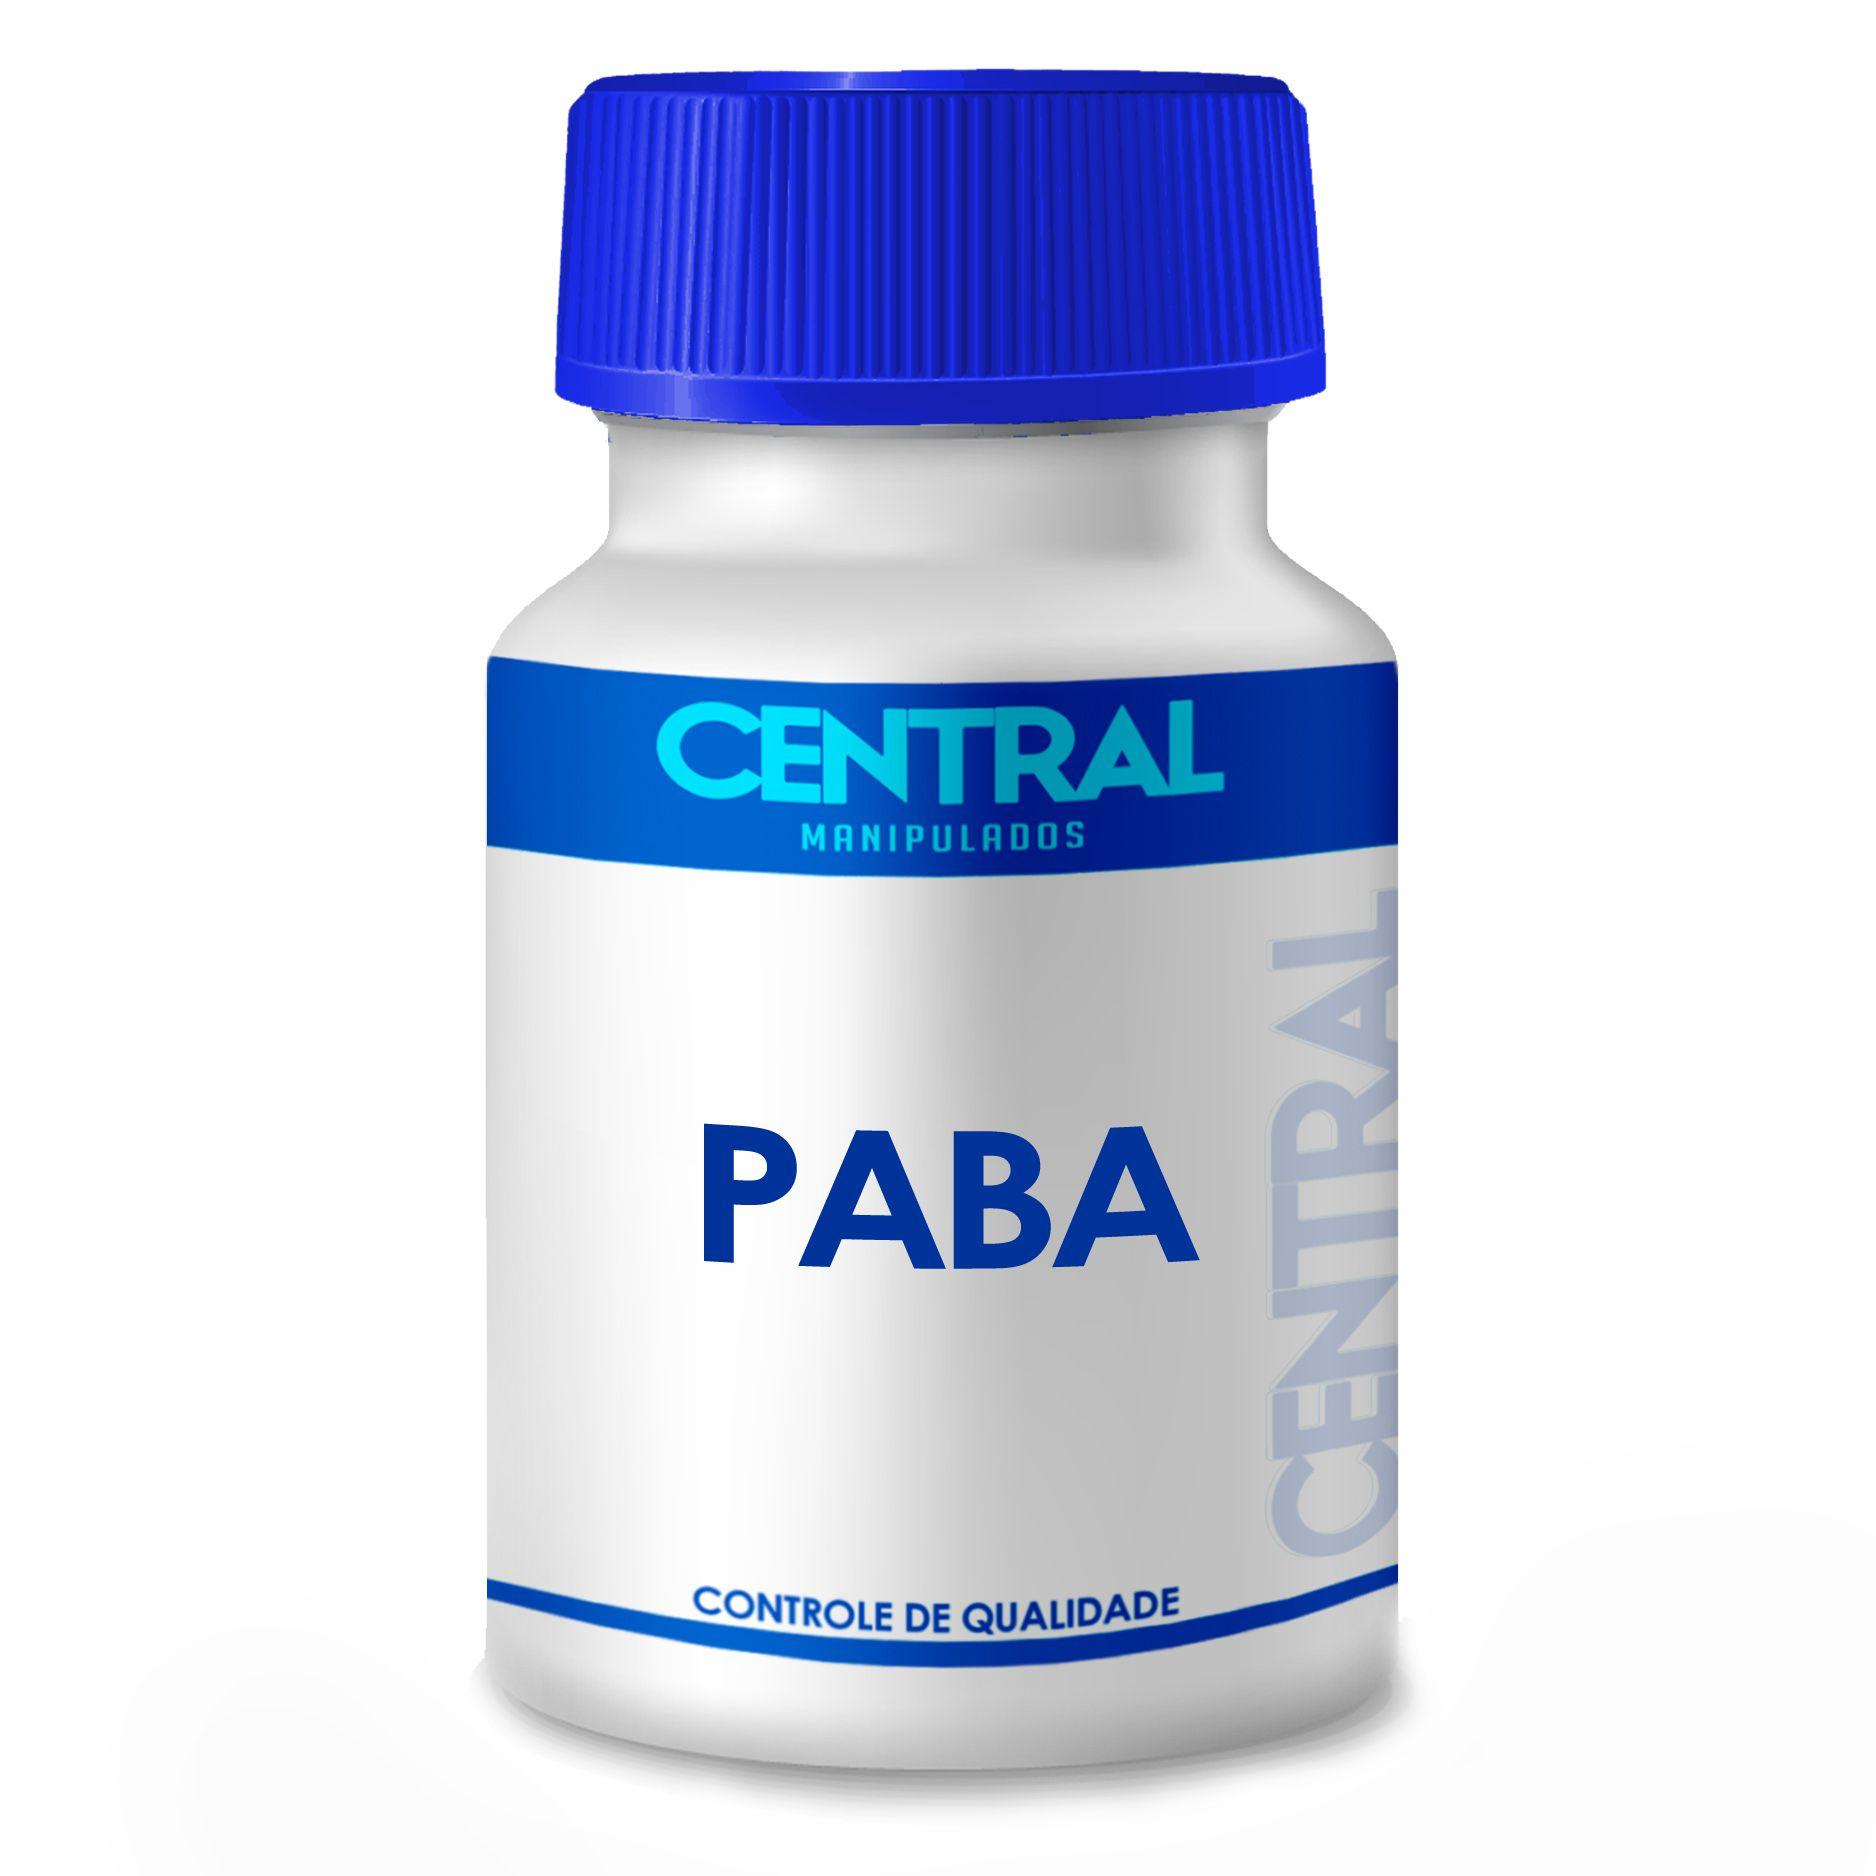 PABA 20mg 120 cápsulas - Antioxidante e Previne e evita queda capilar